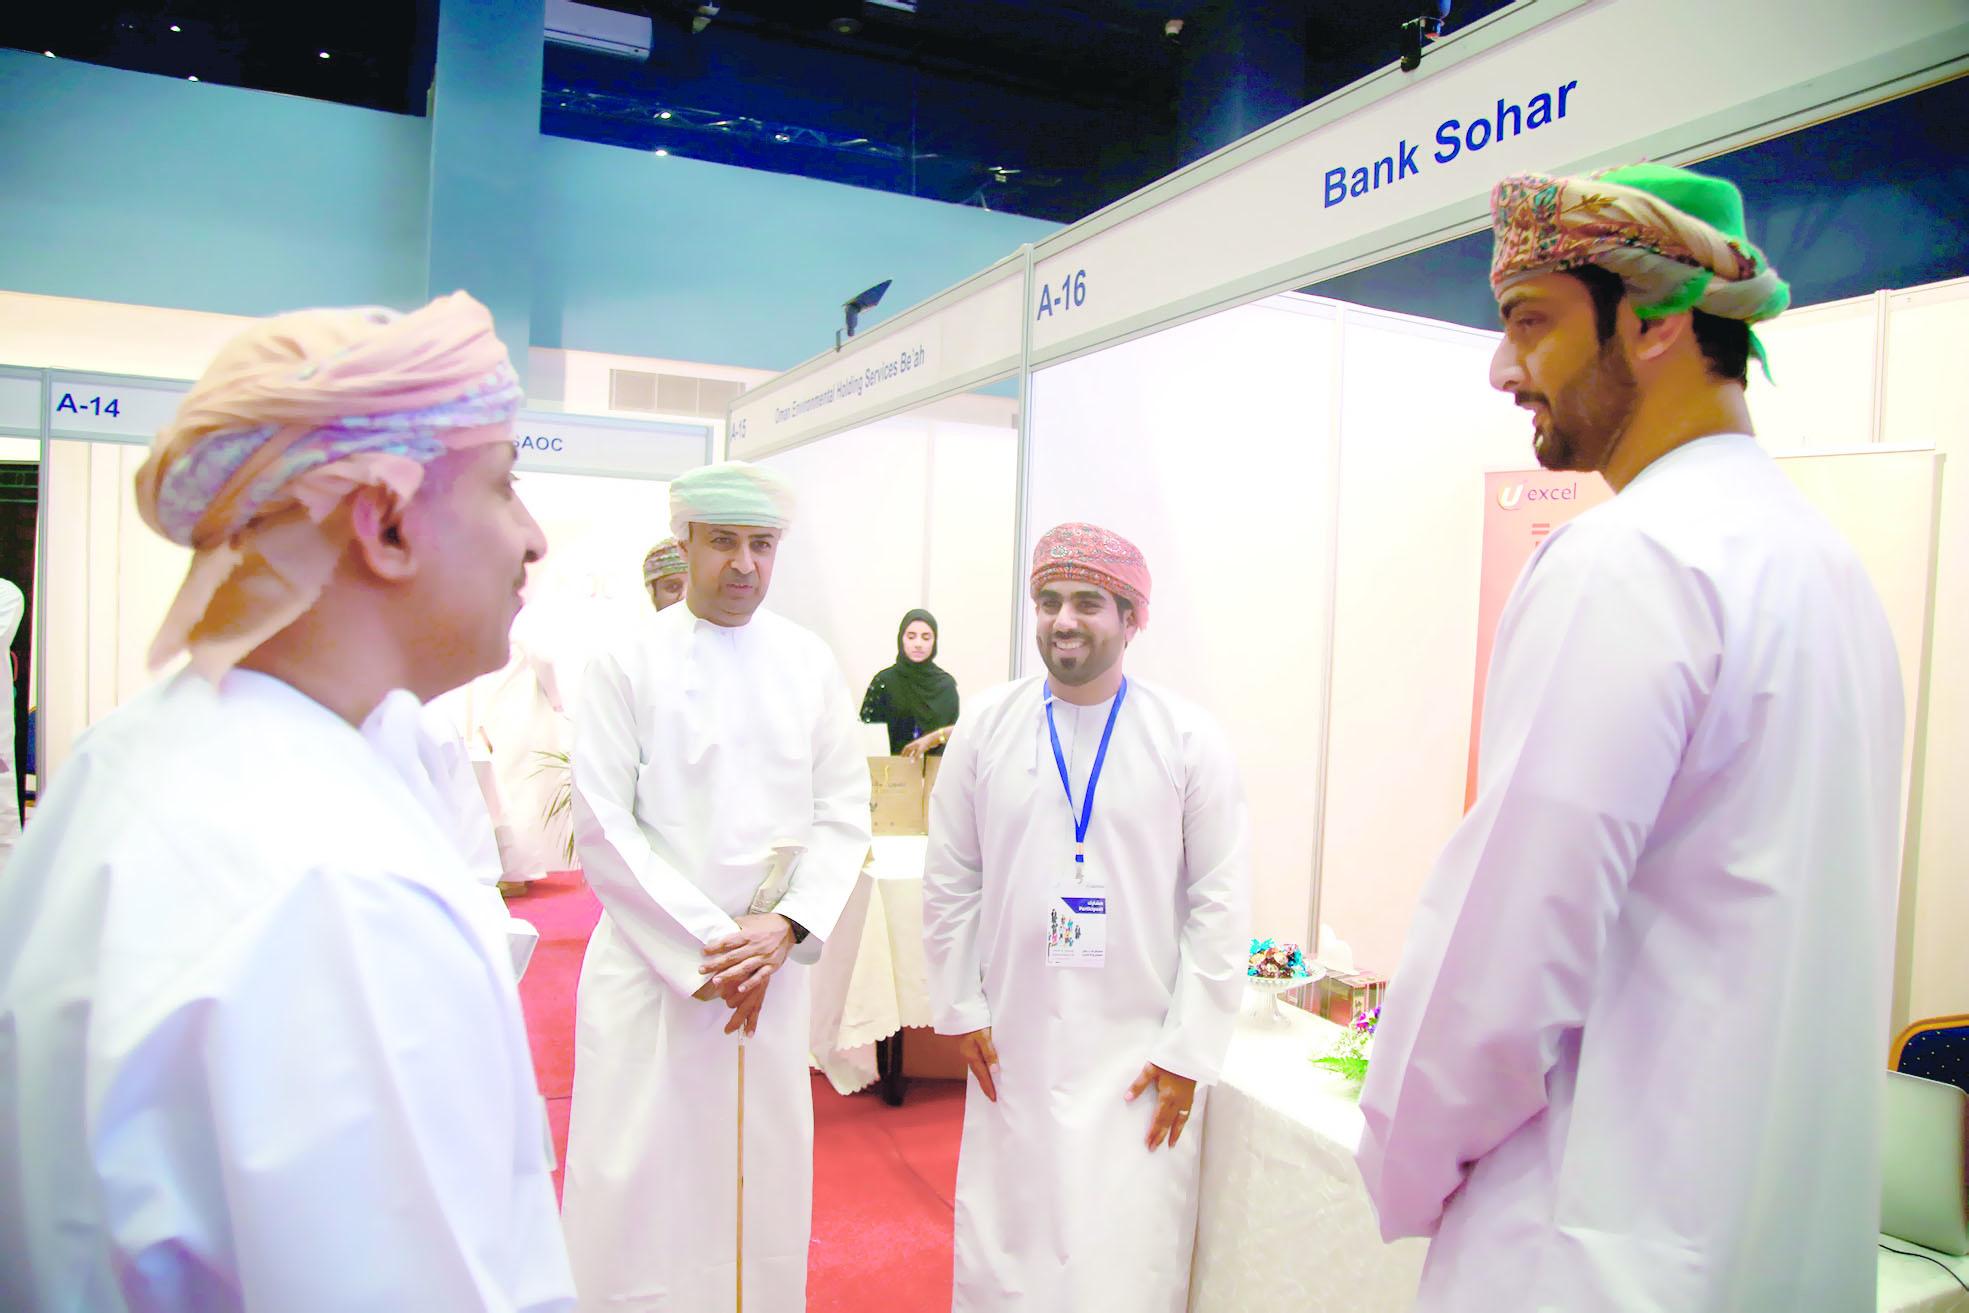 بنك صحار يشارك بـ «فرص العمل» في كلية الشرق الأوسط